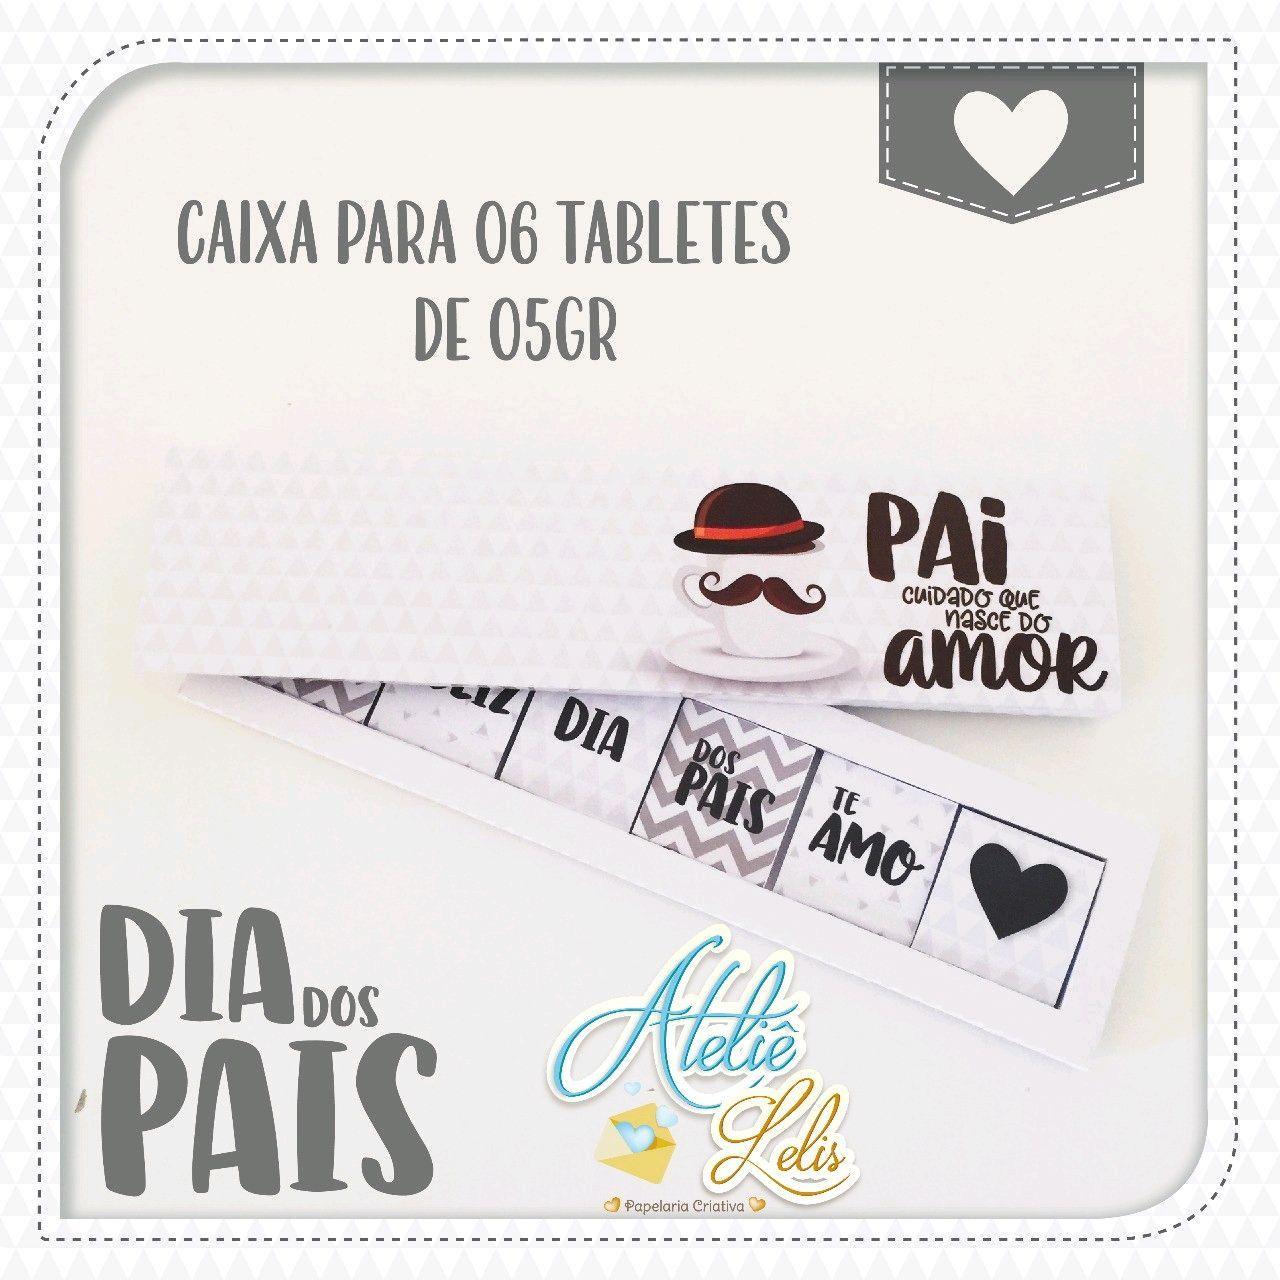 01ce0e09de Chocolate Dia dos Pais Corinthians